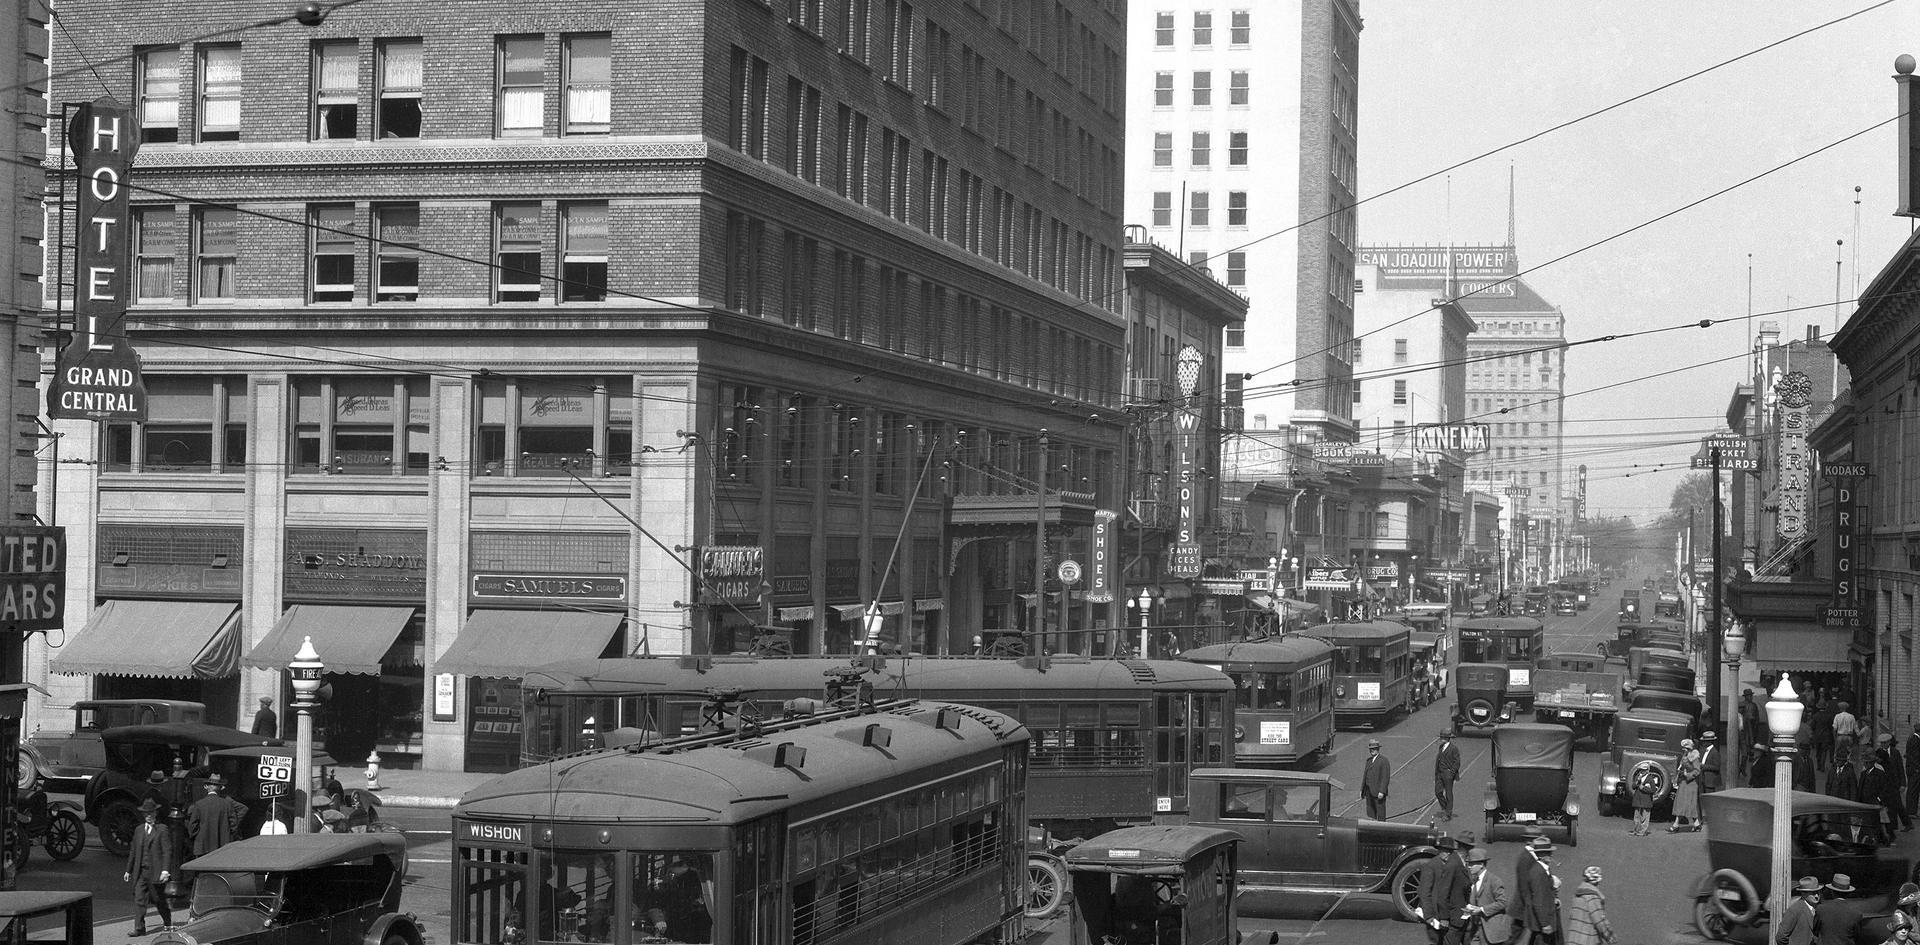 Trolleys & Cars-Downtown Fresno taken in 1926 by Pop Laval